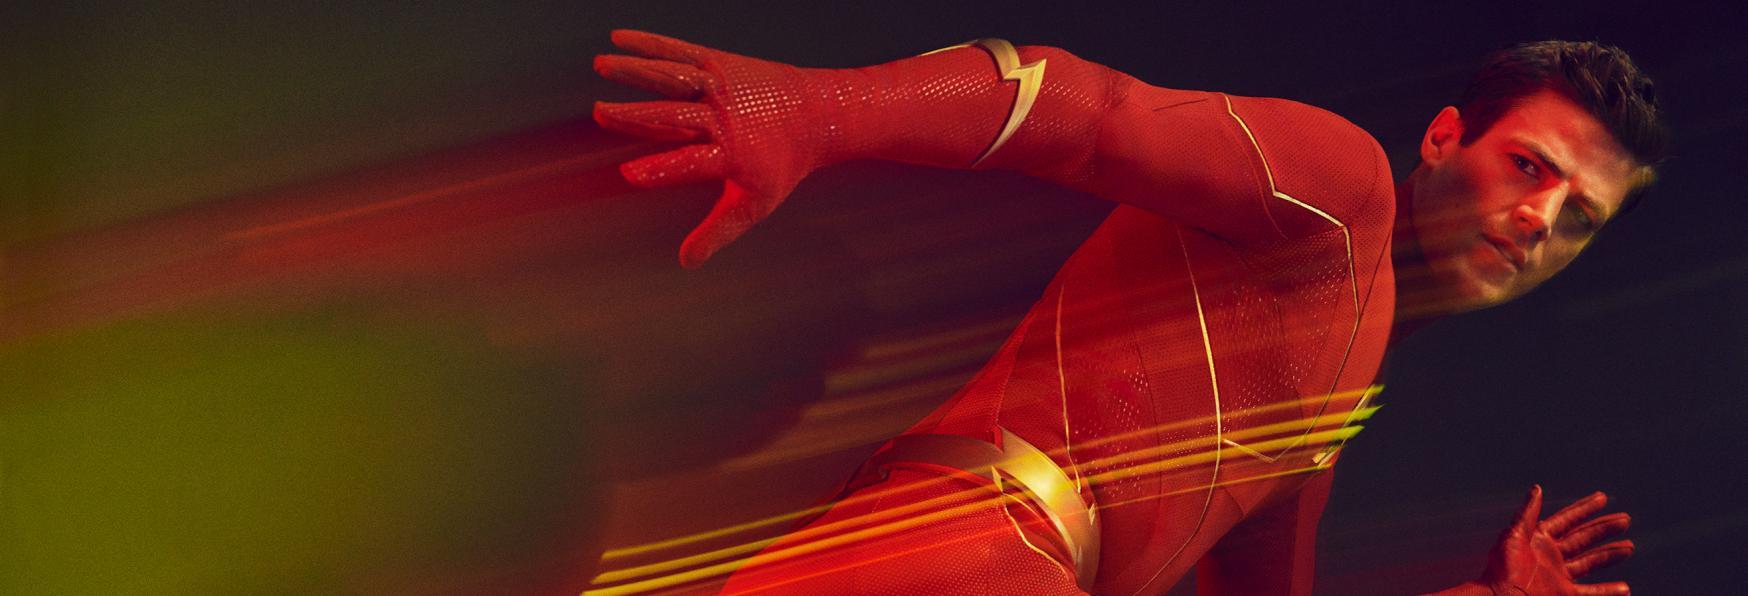 The Flash: Rilasciato il Video Promozionale dell'Episodio 6x02